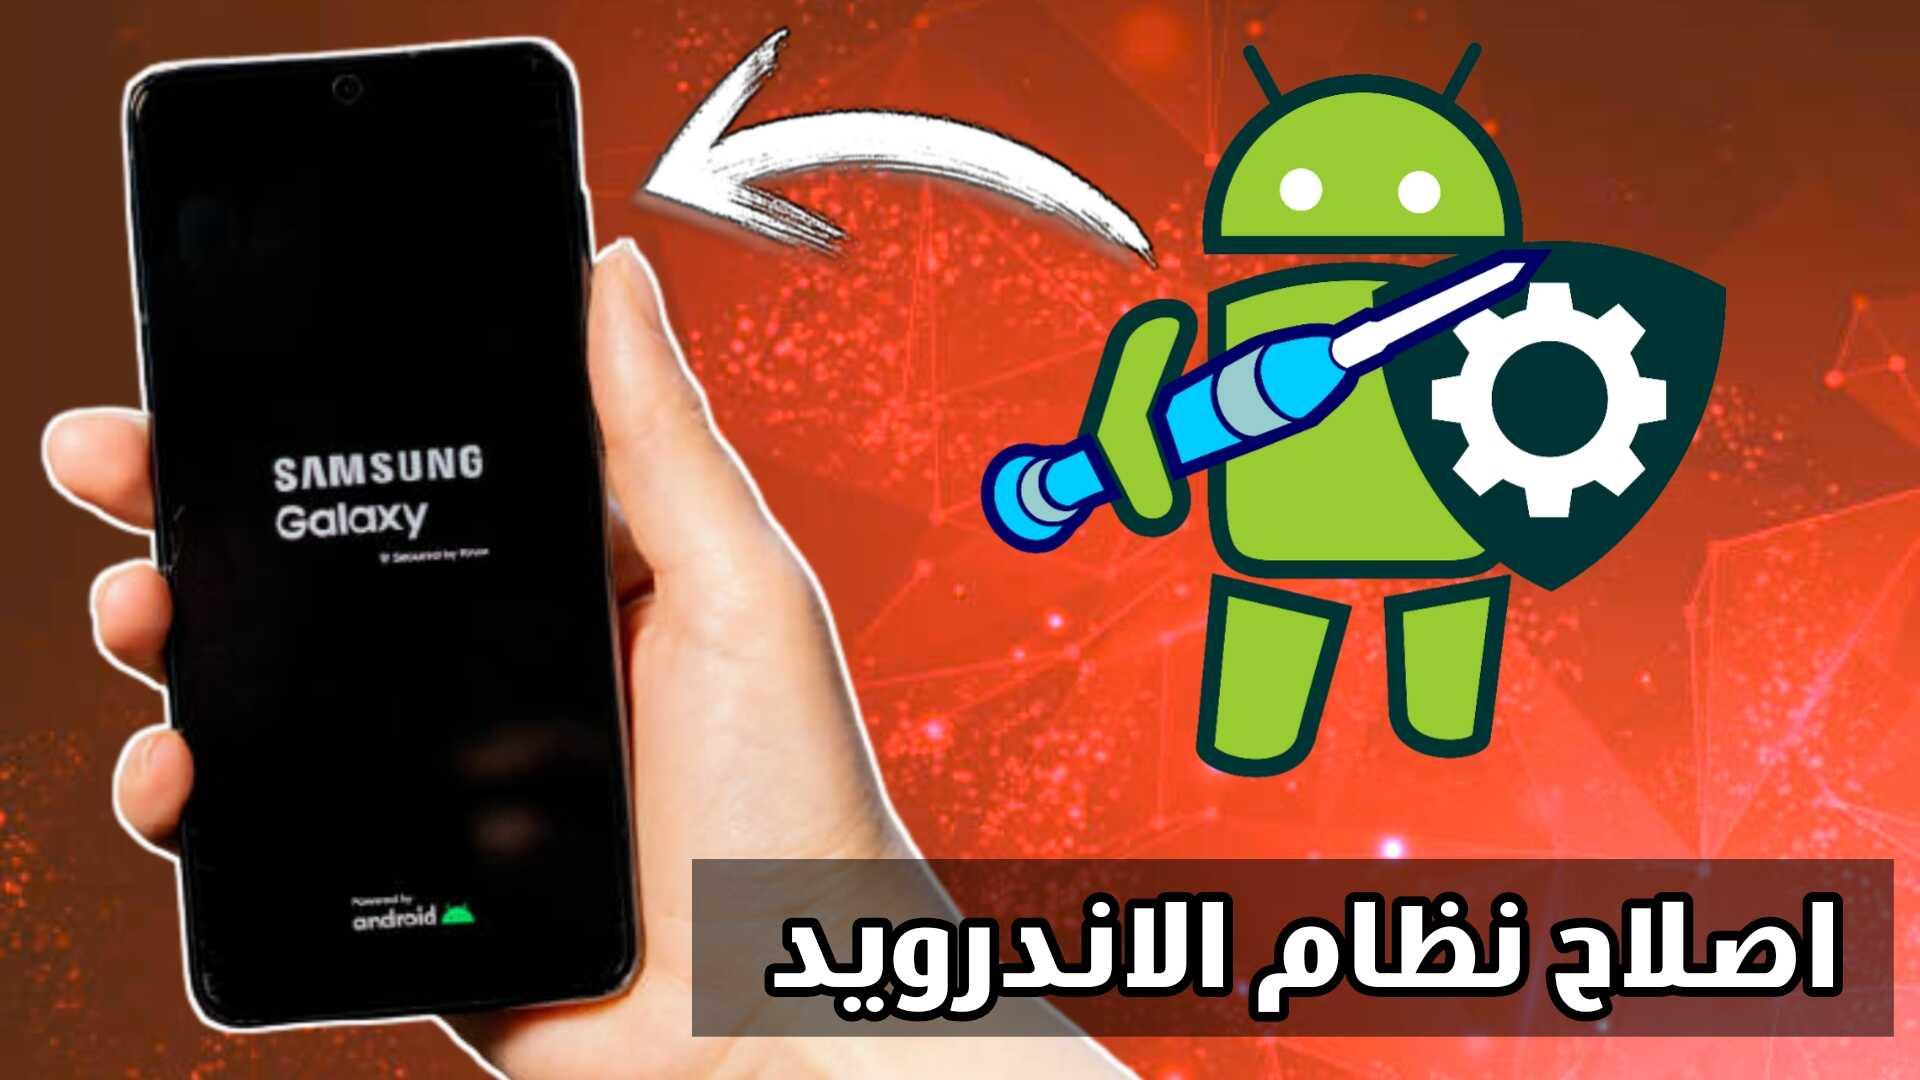 اصلاح نظام الاندرويد تسريع نظام Android لأغلب الهواتف